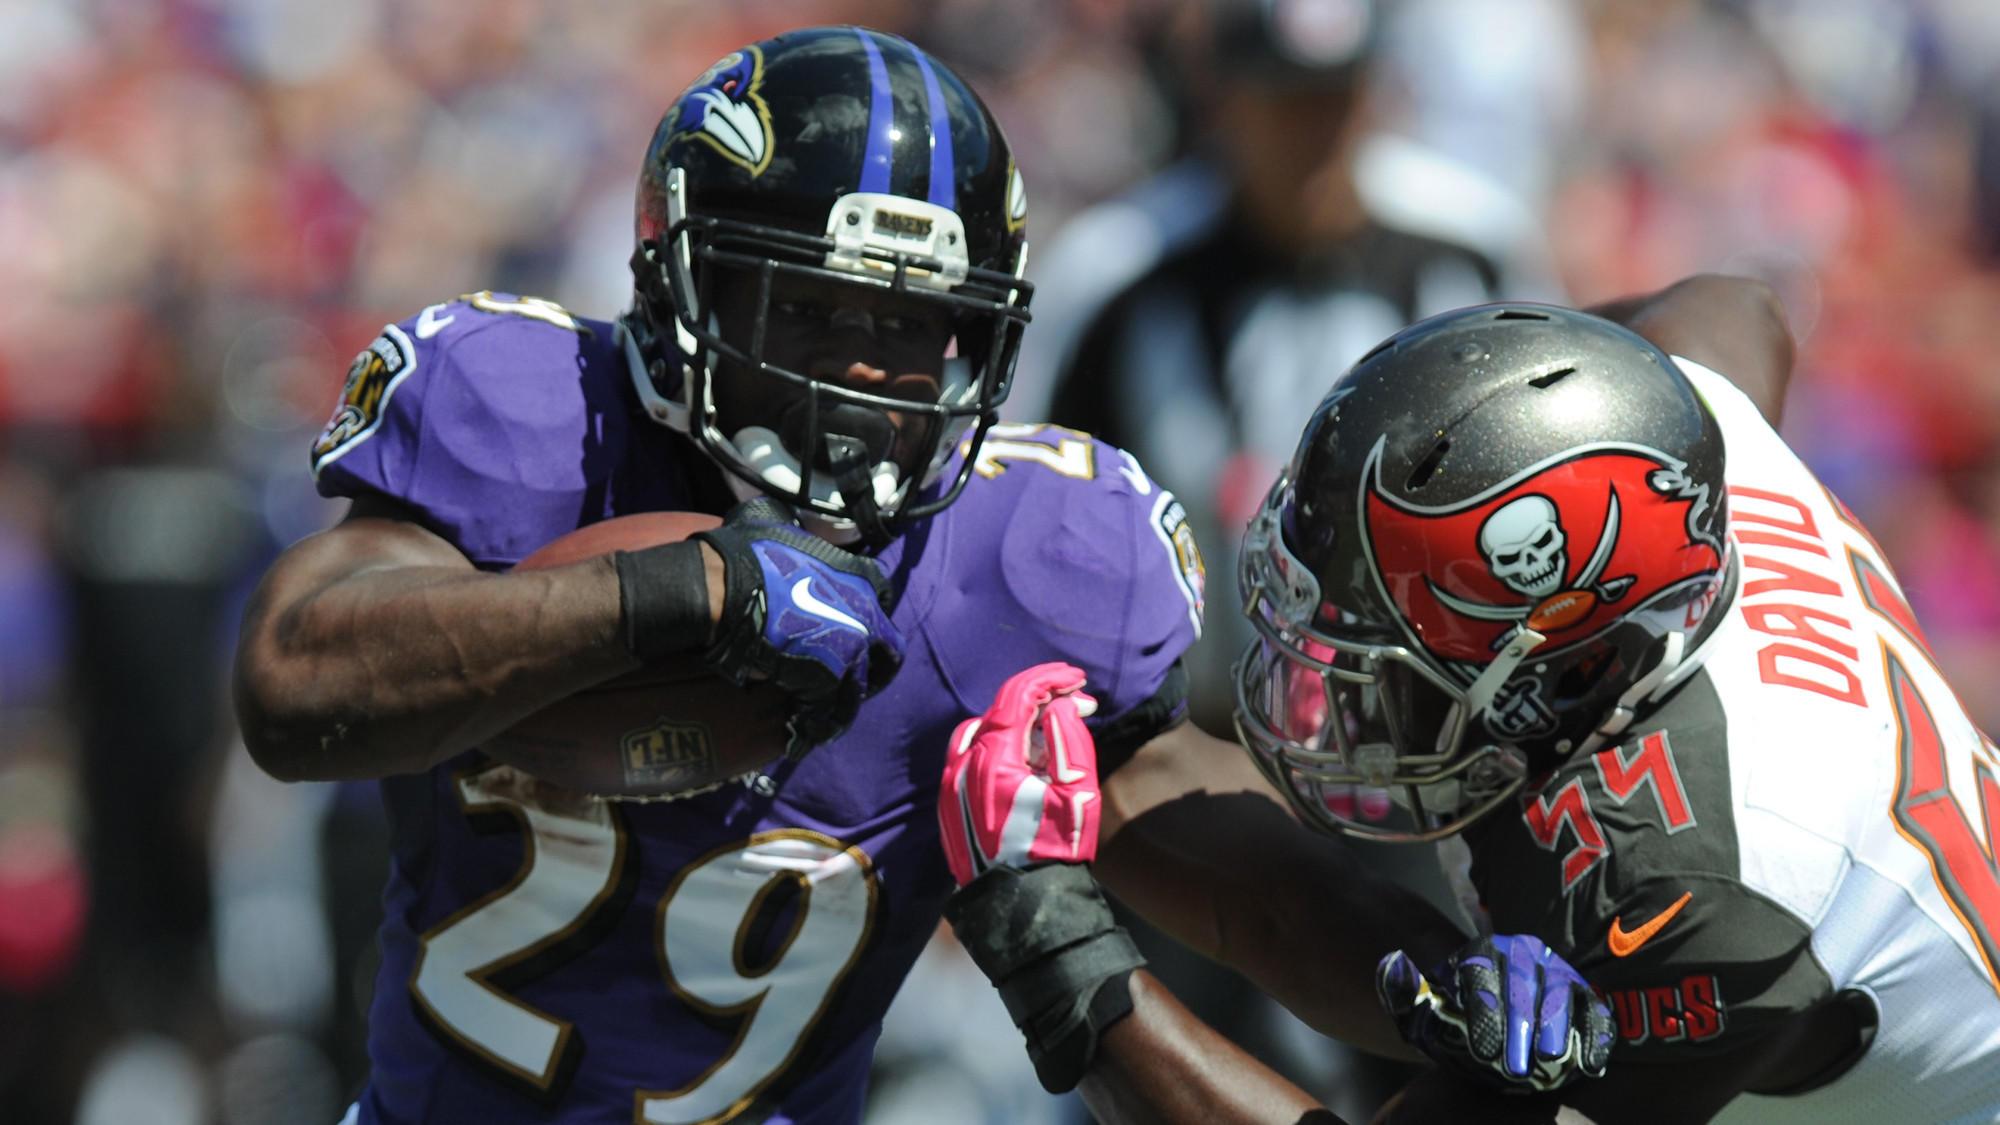 Ravens running back Justin Forsett.